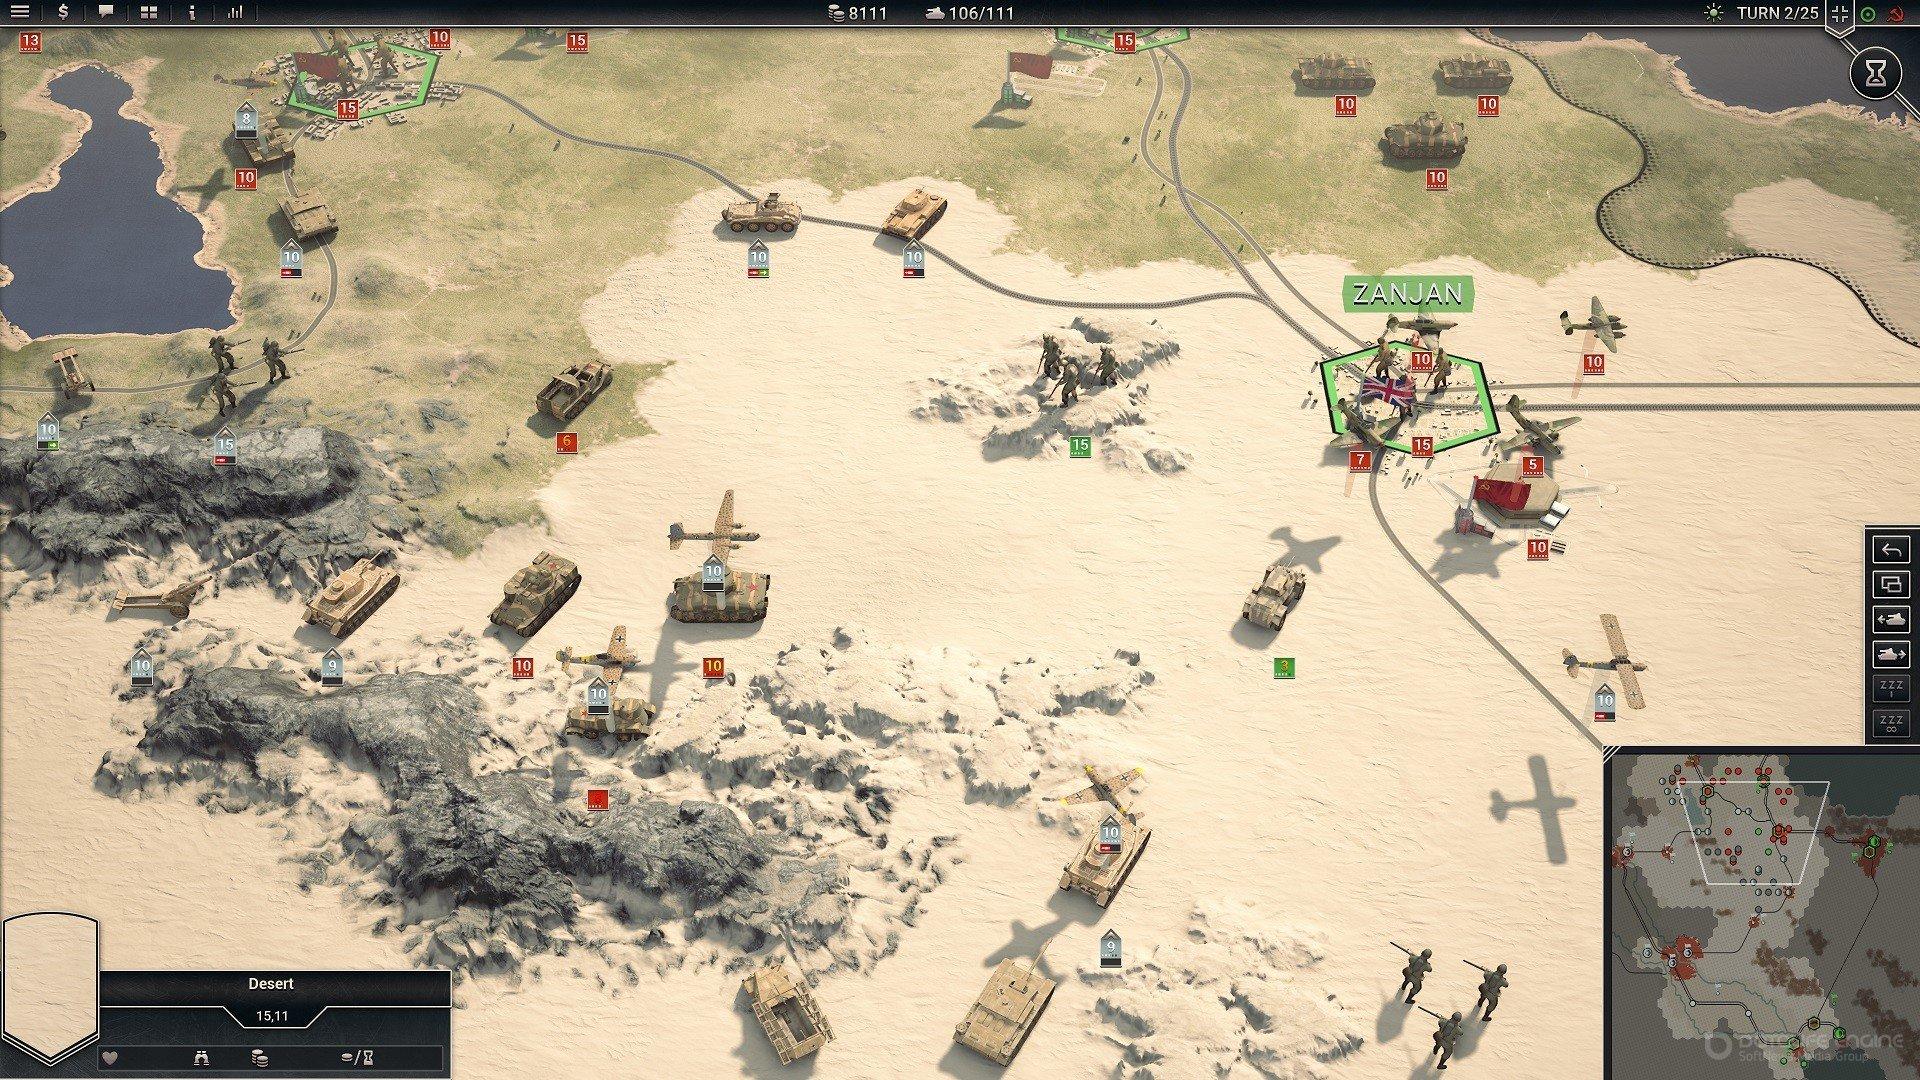 Скриншот к игре Panzer Corps 2 [v 1.01.09 (40793) +DLC] (2020) скачать торрент RePack